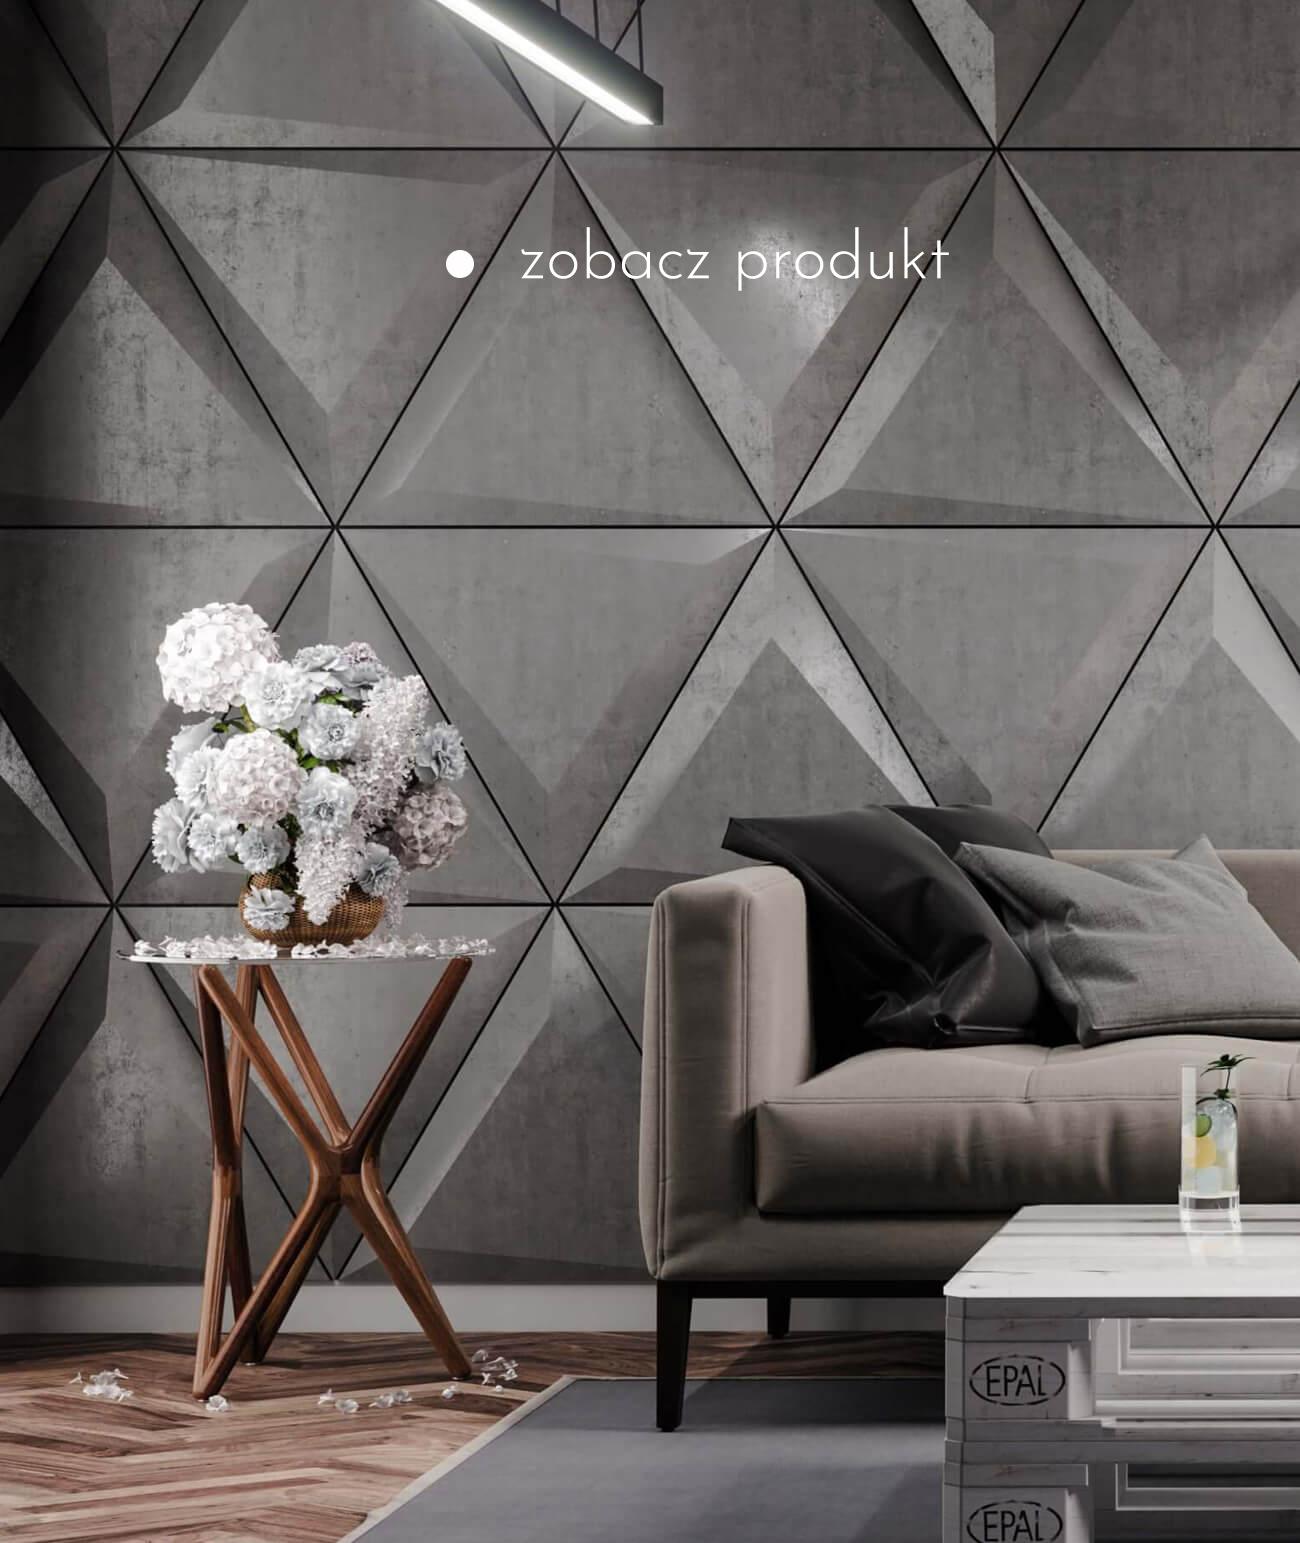 panele-betonowe-3d-scienne-i-elewacyjne-beton-architektoniczny_408-2246-pb36-b8-antracyt-triangle---panel-dekor-3d-beton-architektoniczny-panel-scienny